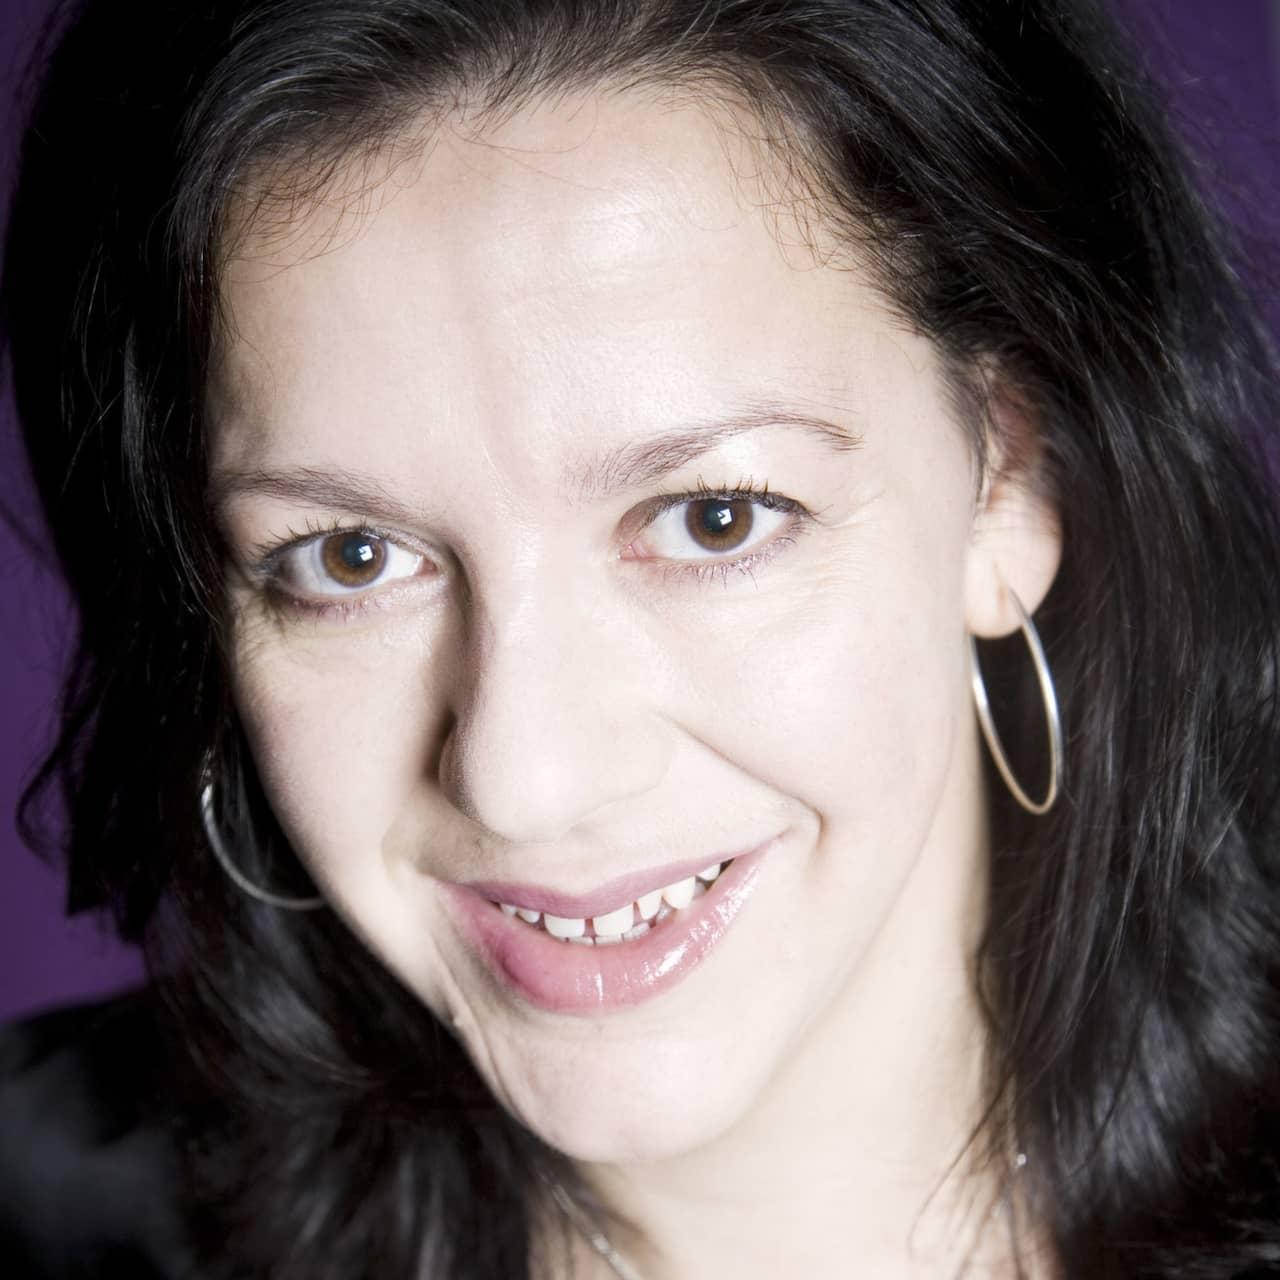 90. Pia Kalischer